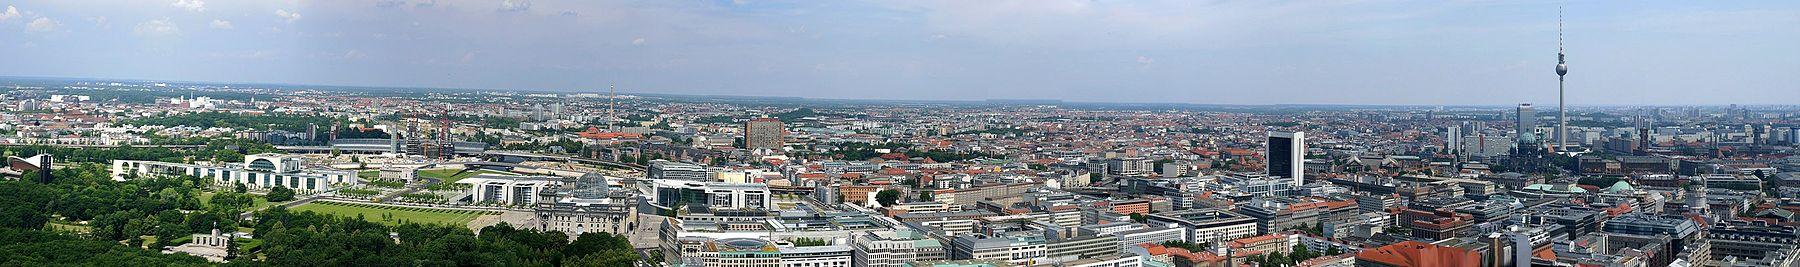 Berlin hiriko erdigunearen irudi panoramikoa.